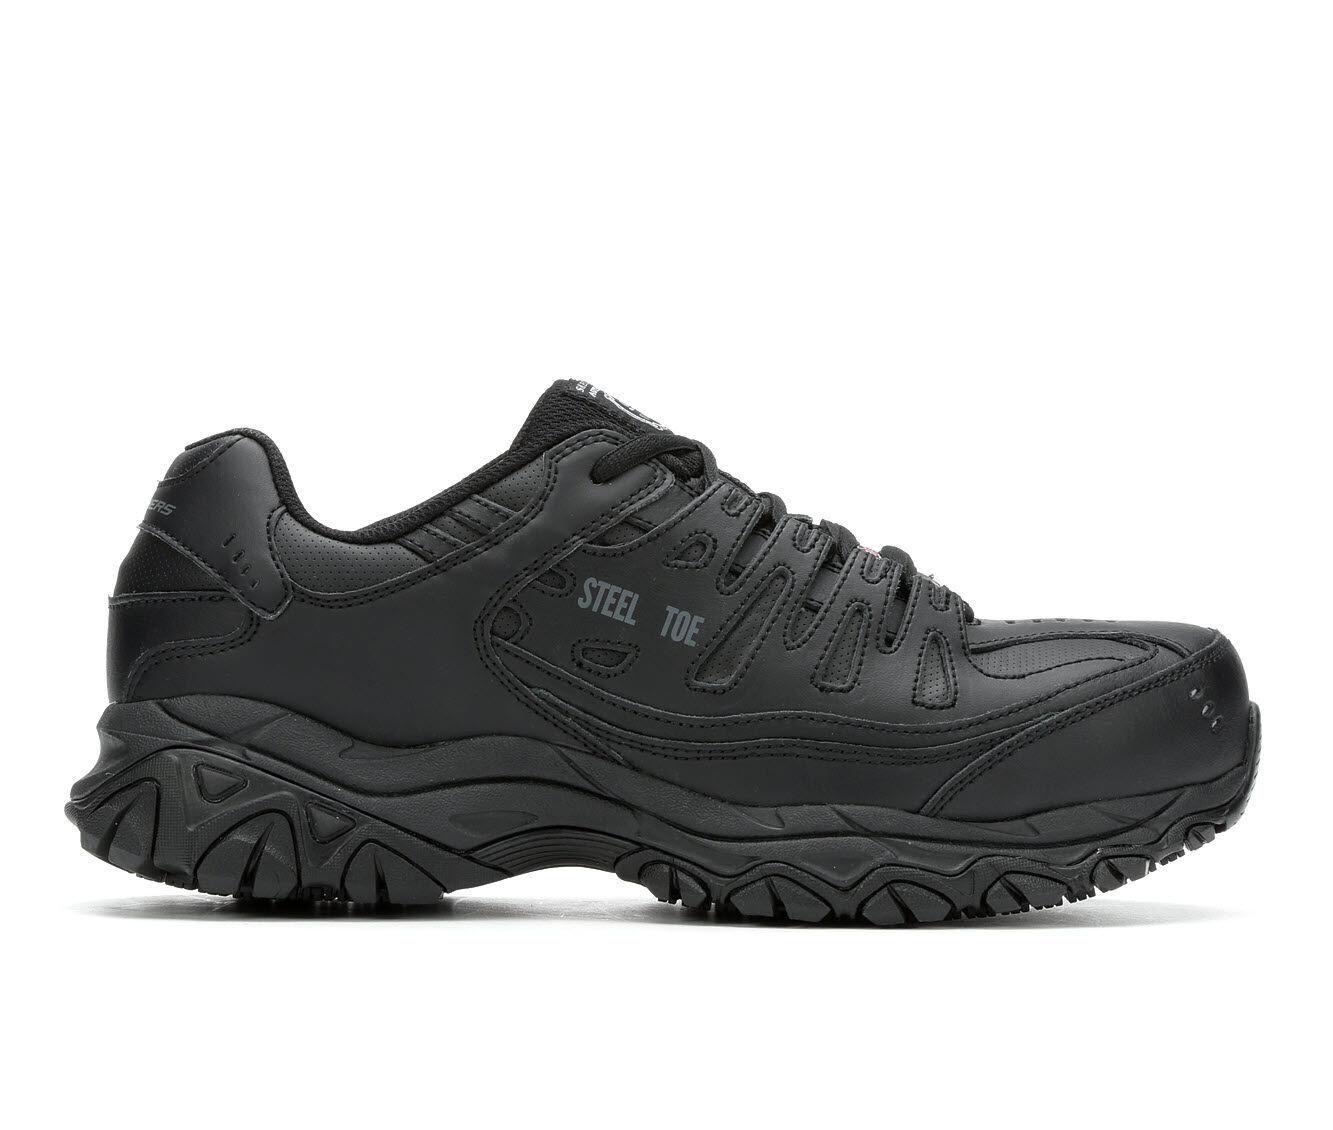 Men's Skechers Work Keymar Steel Toe Waterproof 77517 Work Shoes Black